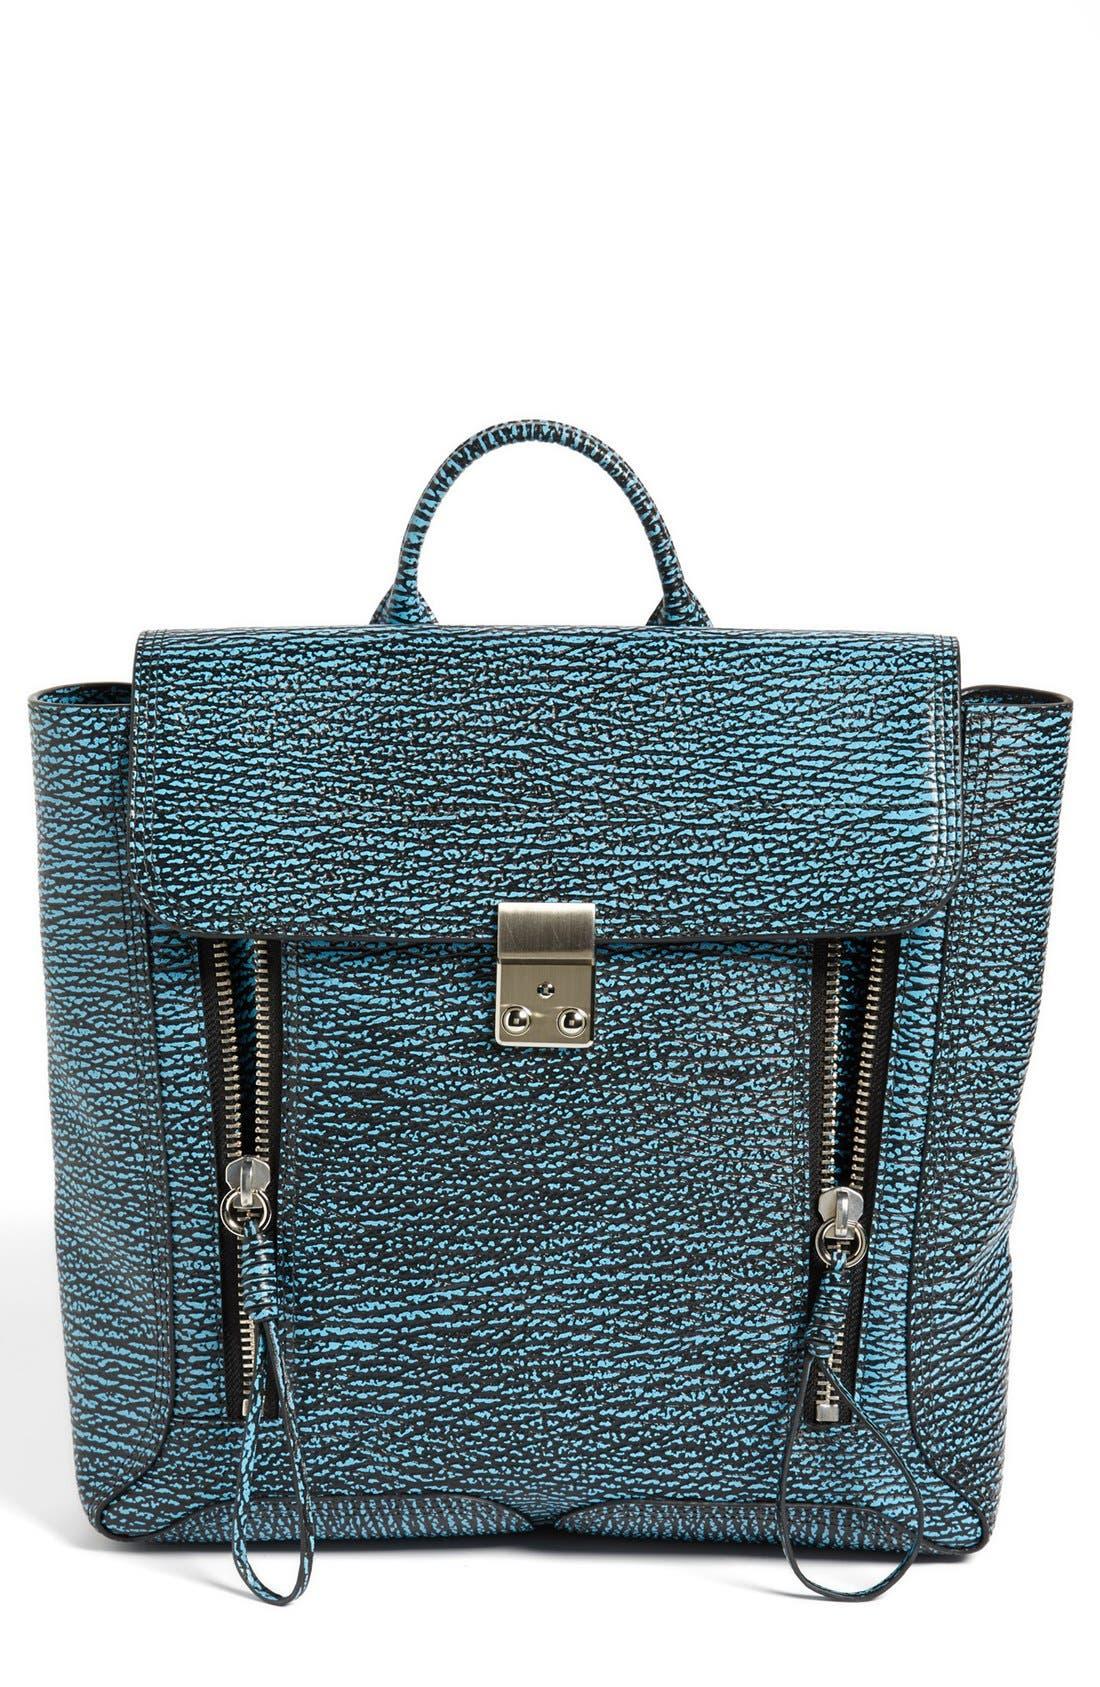 Main Image - 3.1 Phillip Lim 'Pashli' Leather Backpack